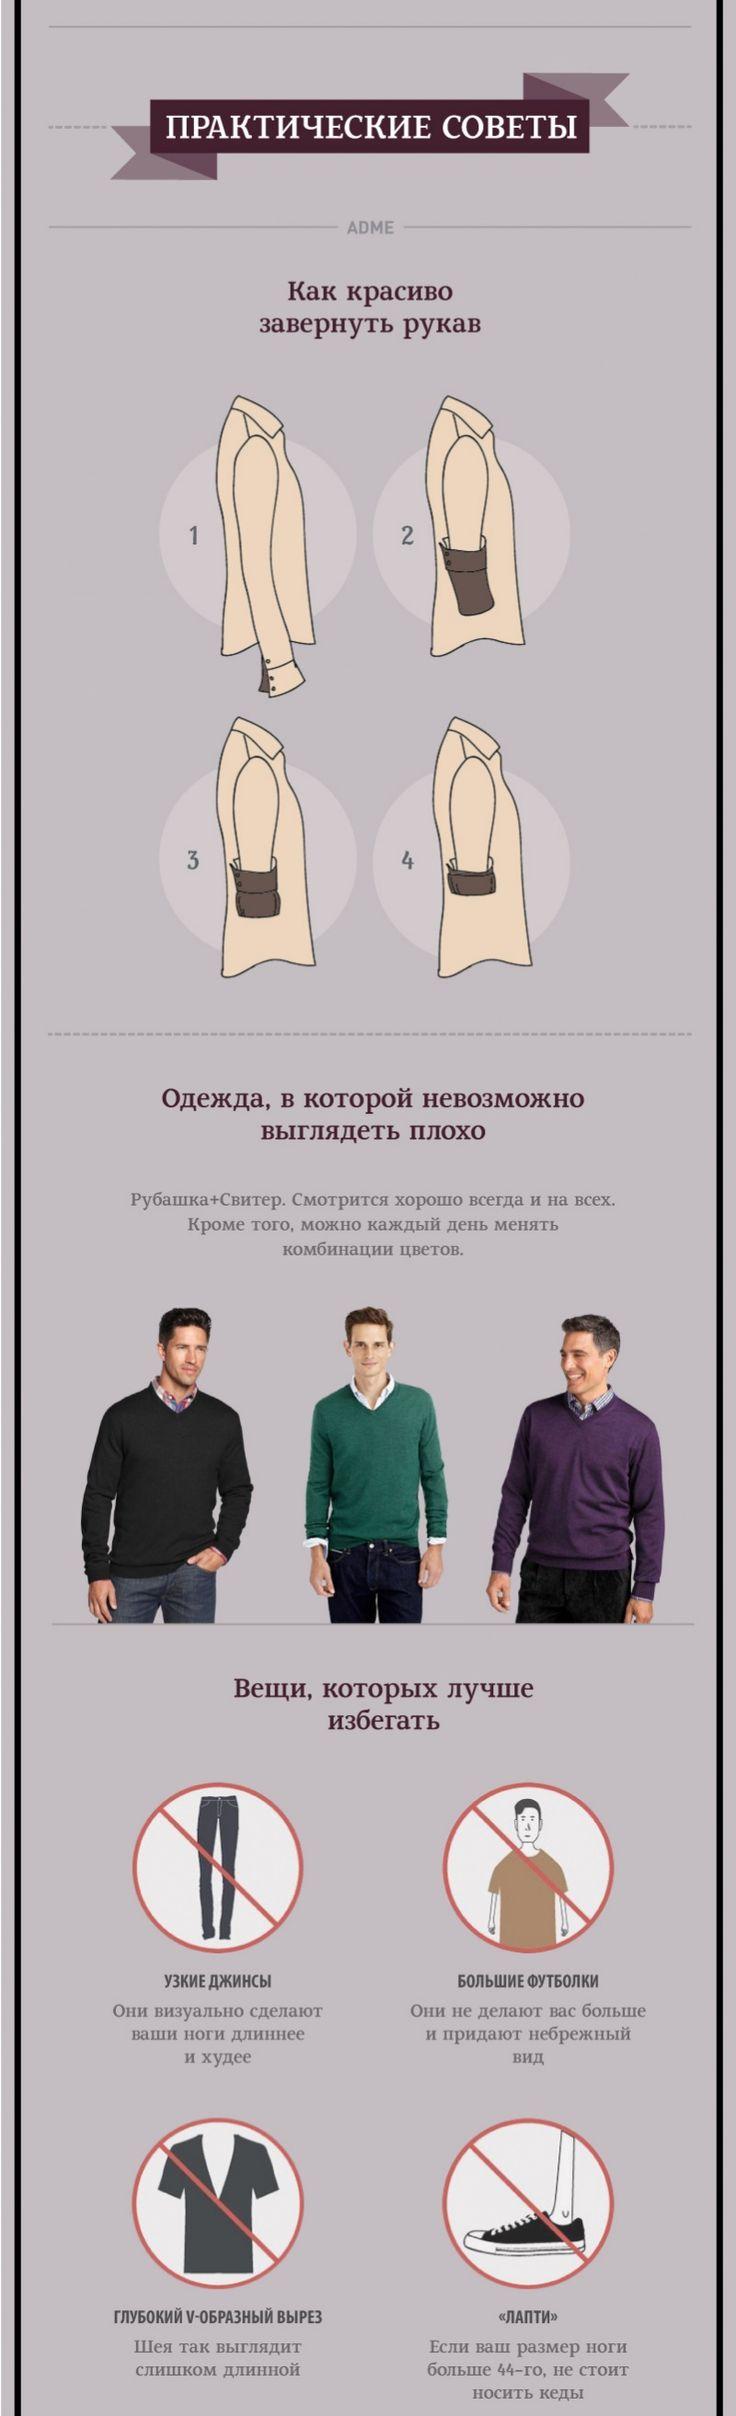 http://www.adme.ru/svoboda-kultura/20-pravil-stilya-kotorye-stoit-znat-kazhdomu-muzhchine-921260/